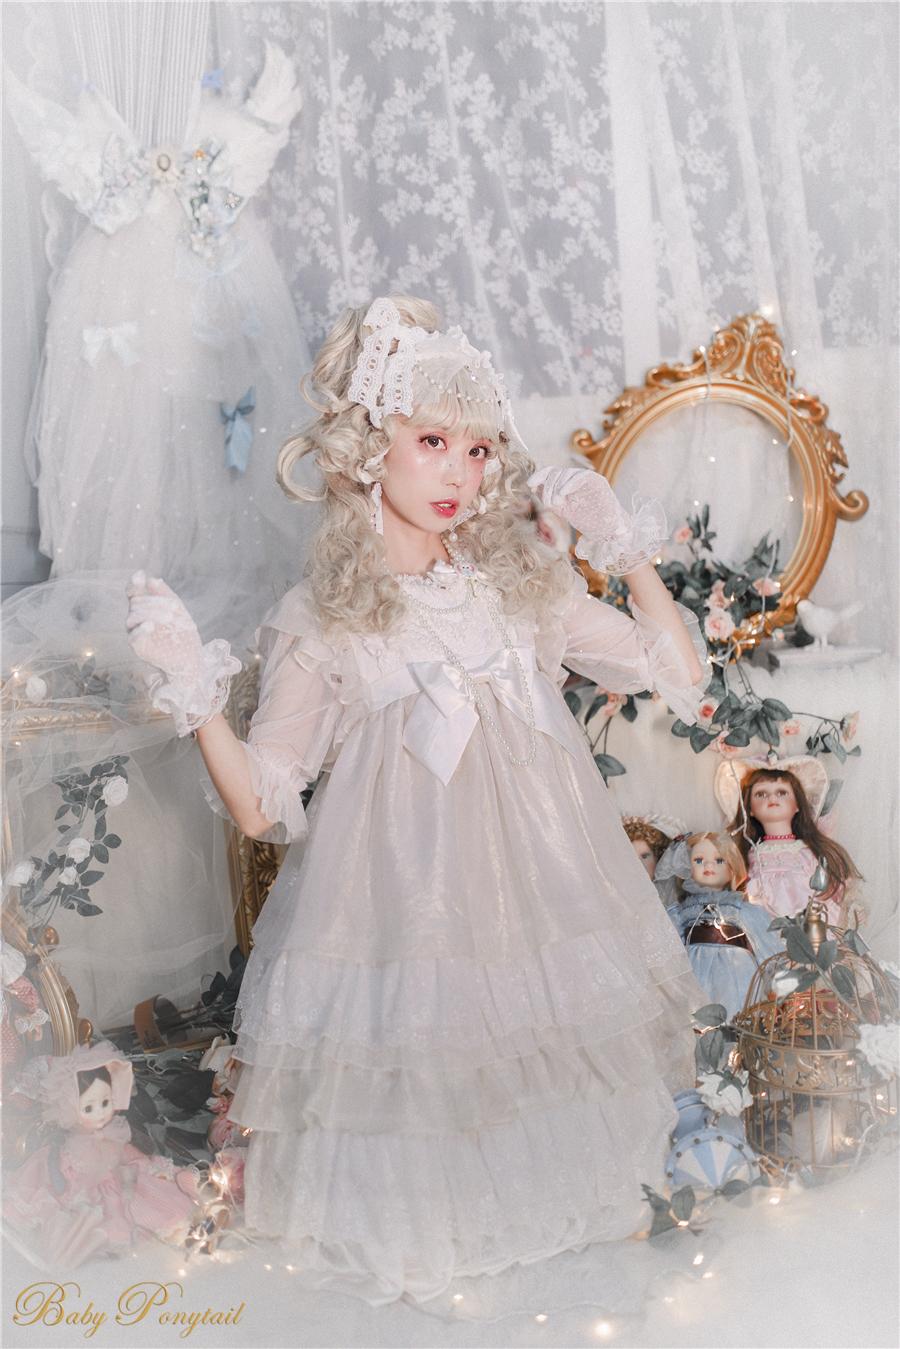 Babyponytail_Model Photo_Present Angel_JSK white_2_Kaka_06.jpg